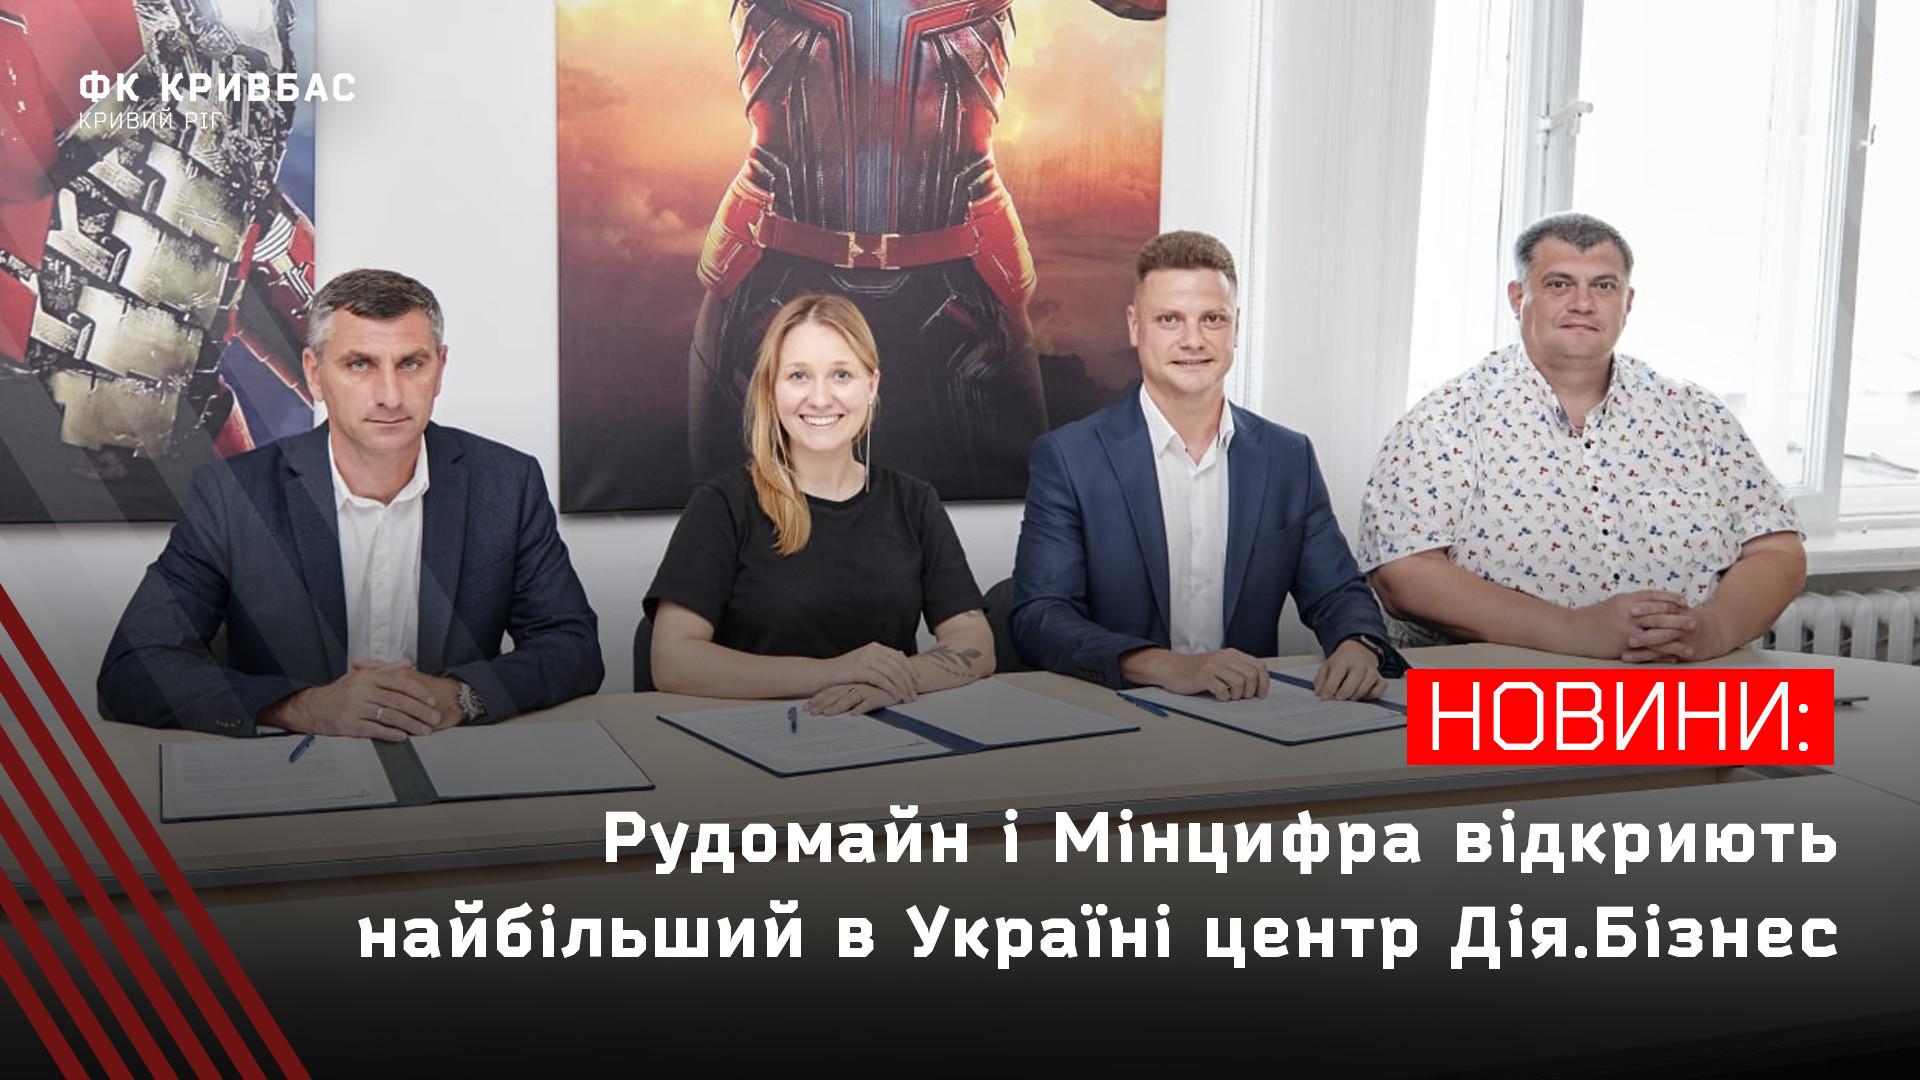 """""""Рудомайн"""" і Мінцифра відкриють найбільший в Україні центр Дія.Бізнес}"""